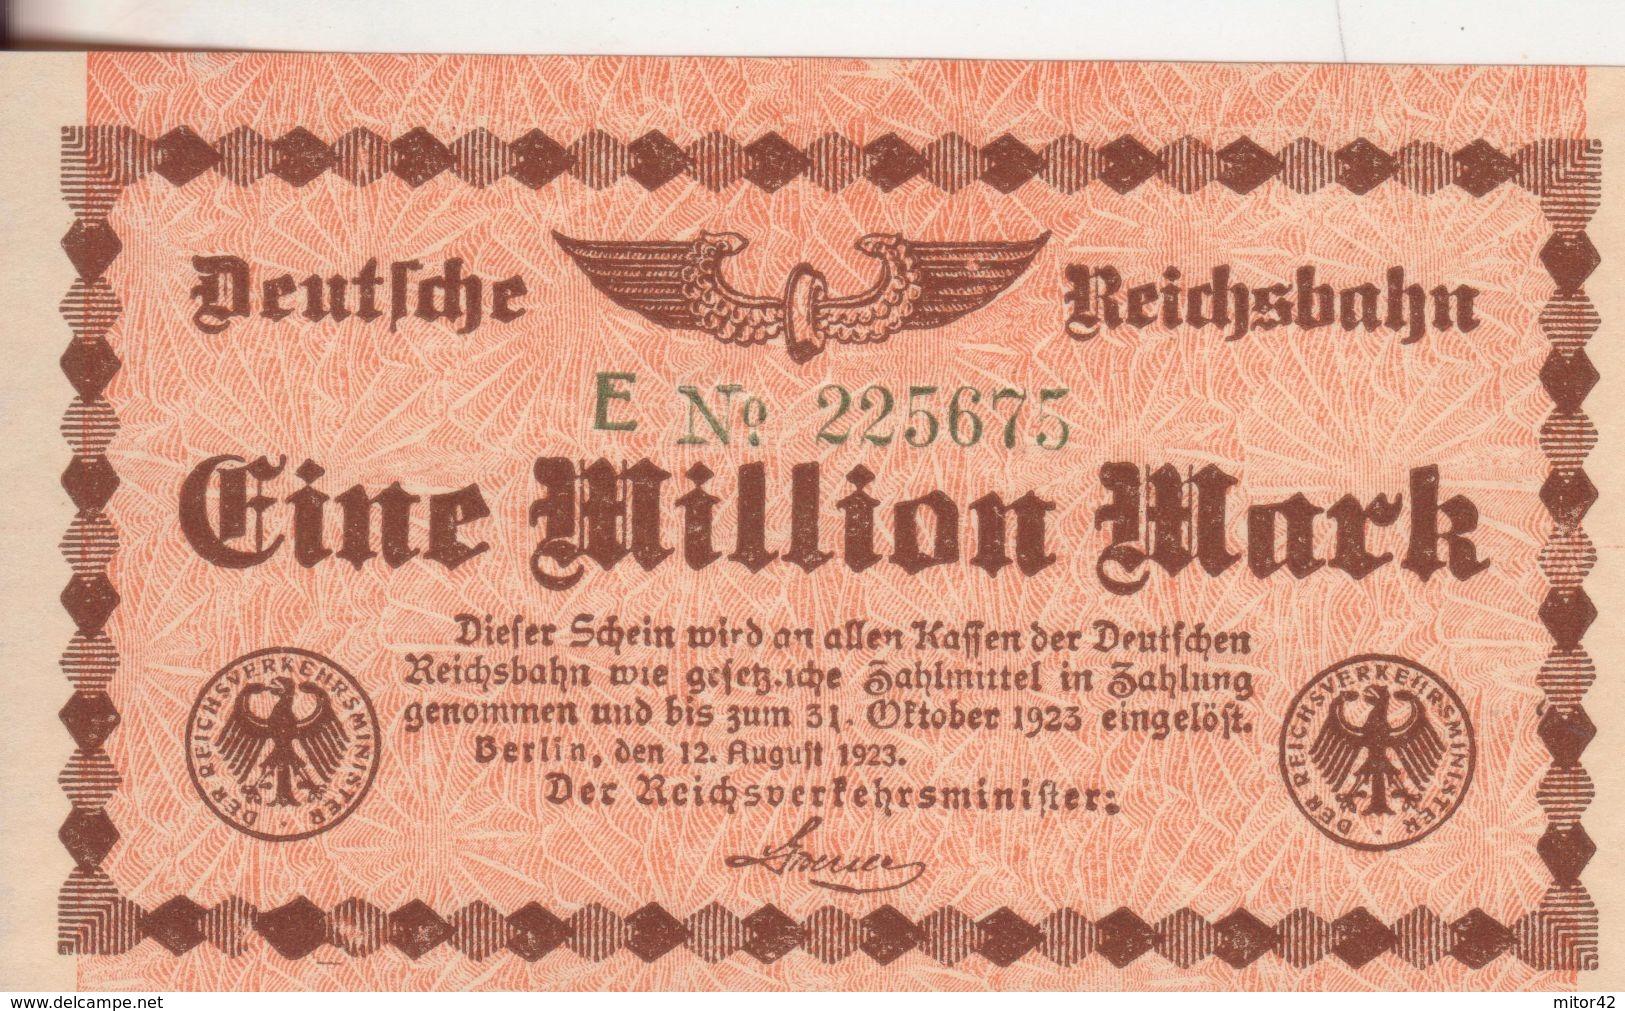 23-Germania-Cartamoneta-Banconota F.D.S. 5 Milioni Di Marchi-Stato Di Conservazione:Ottimo - [ 3] 1918-1933 : Repubblica  Di Weimar